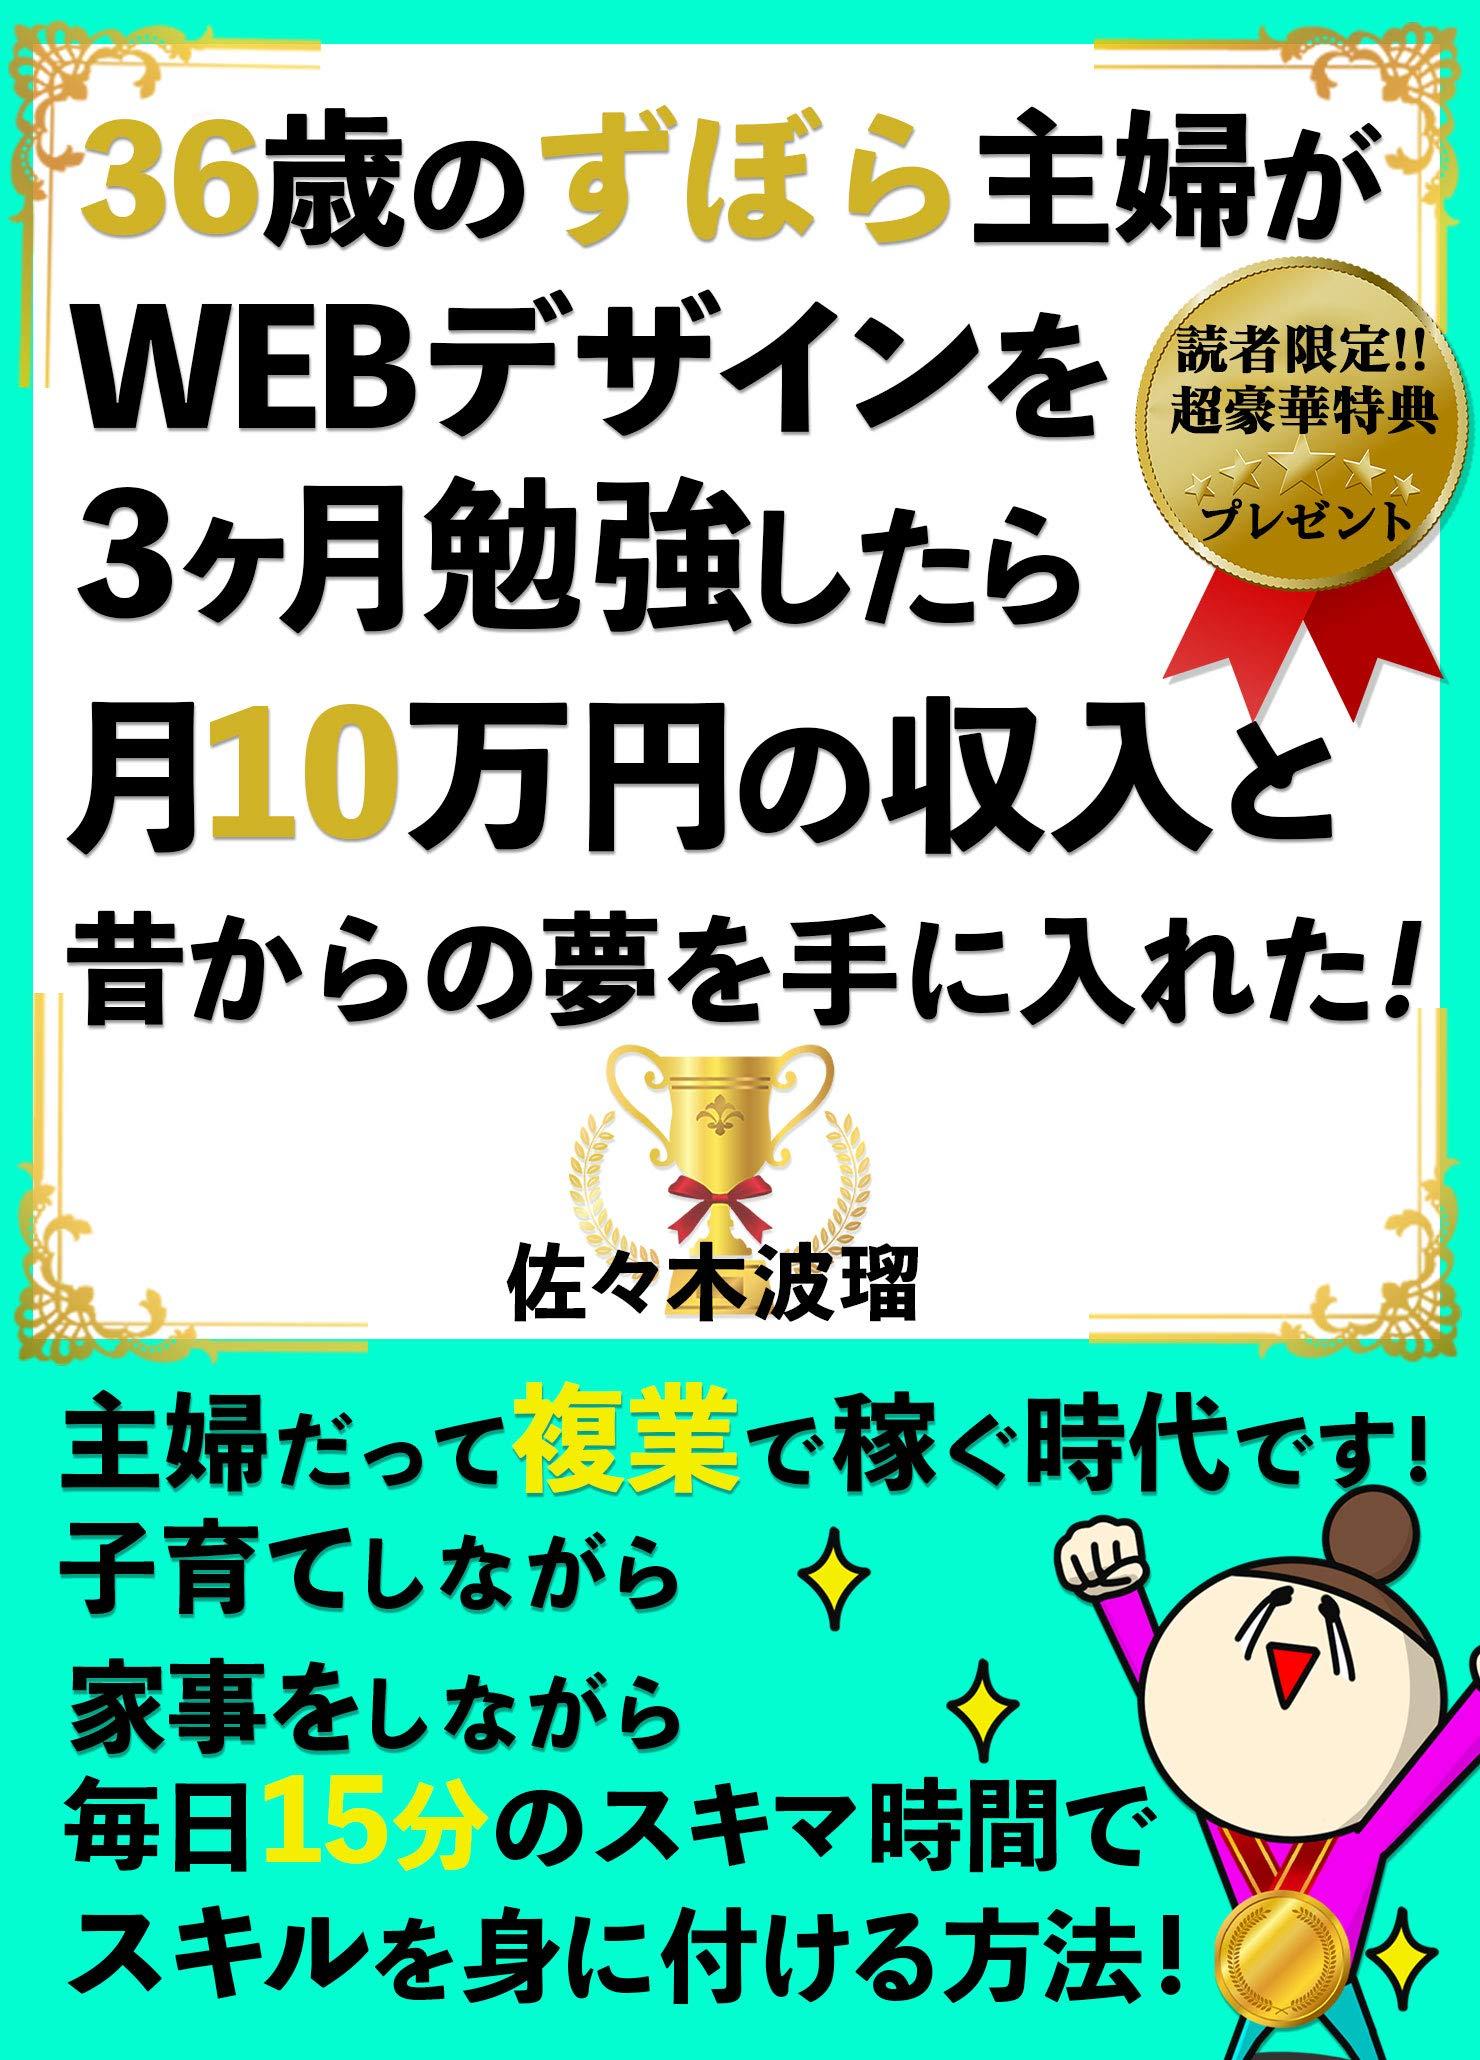 sanjurokusai no zubora syuhu web design benkyo tsuki jumanenn wo teniireta: fukugyo nisenniju (Japanese Edition)